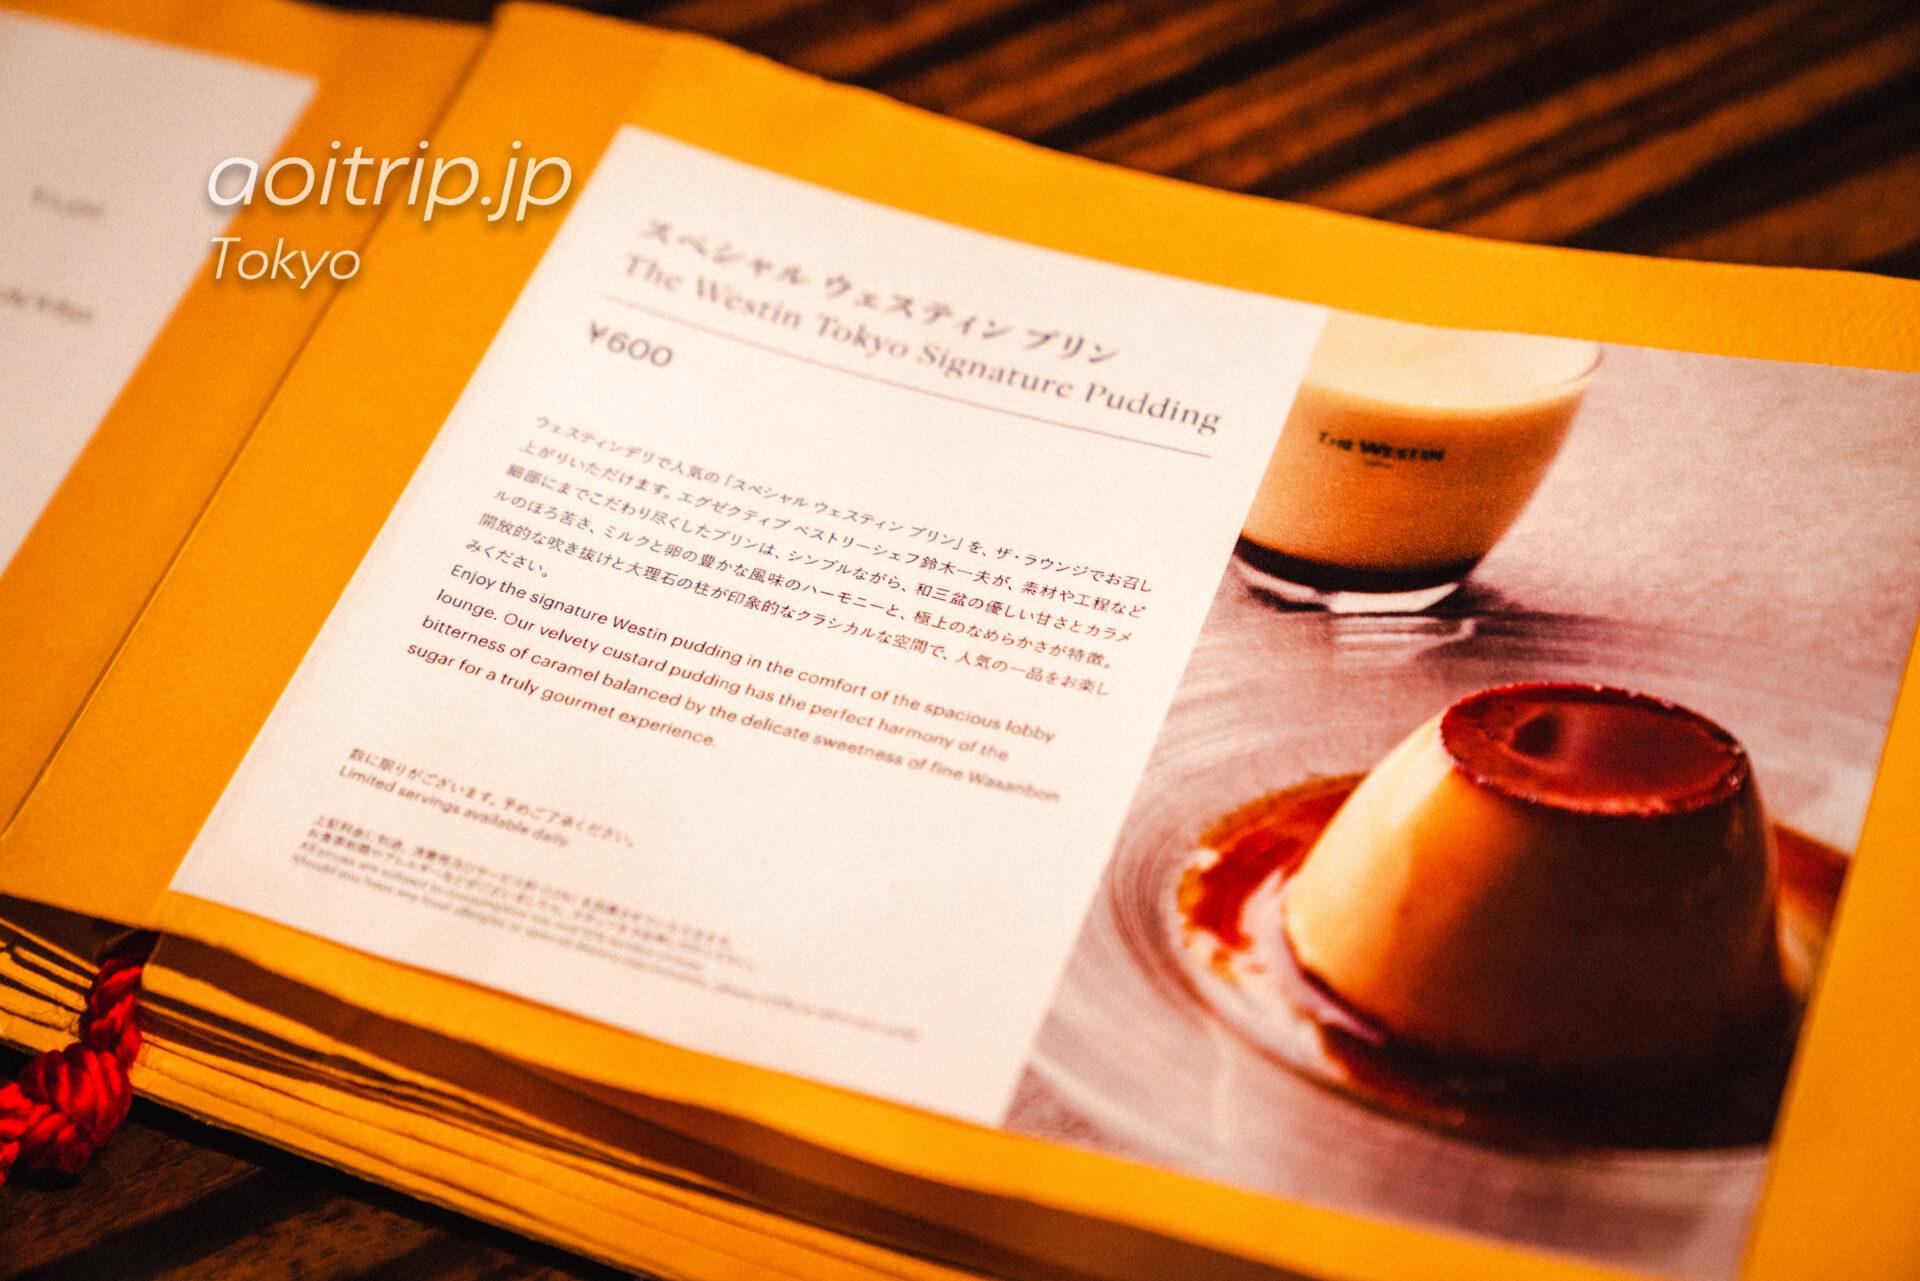 ウェスティン東京 ザ ラウンジのスペシャル ウェスティン プリン(Special Westin Tokyo Signature Pudding)